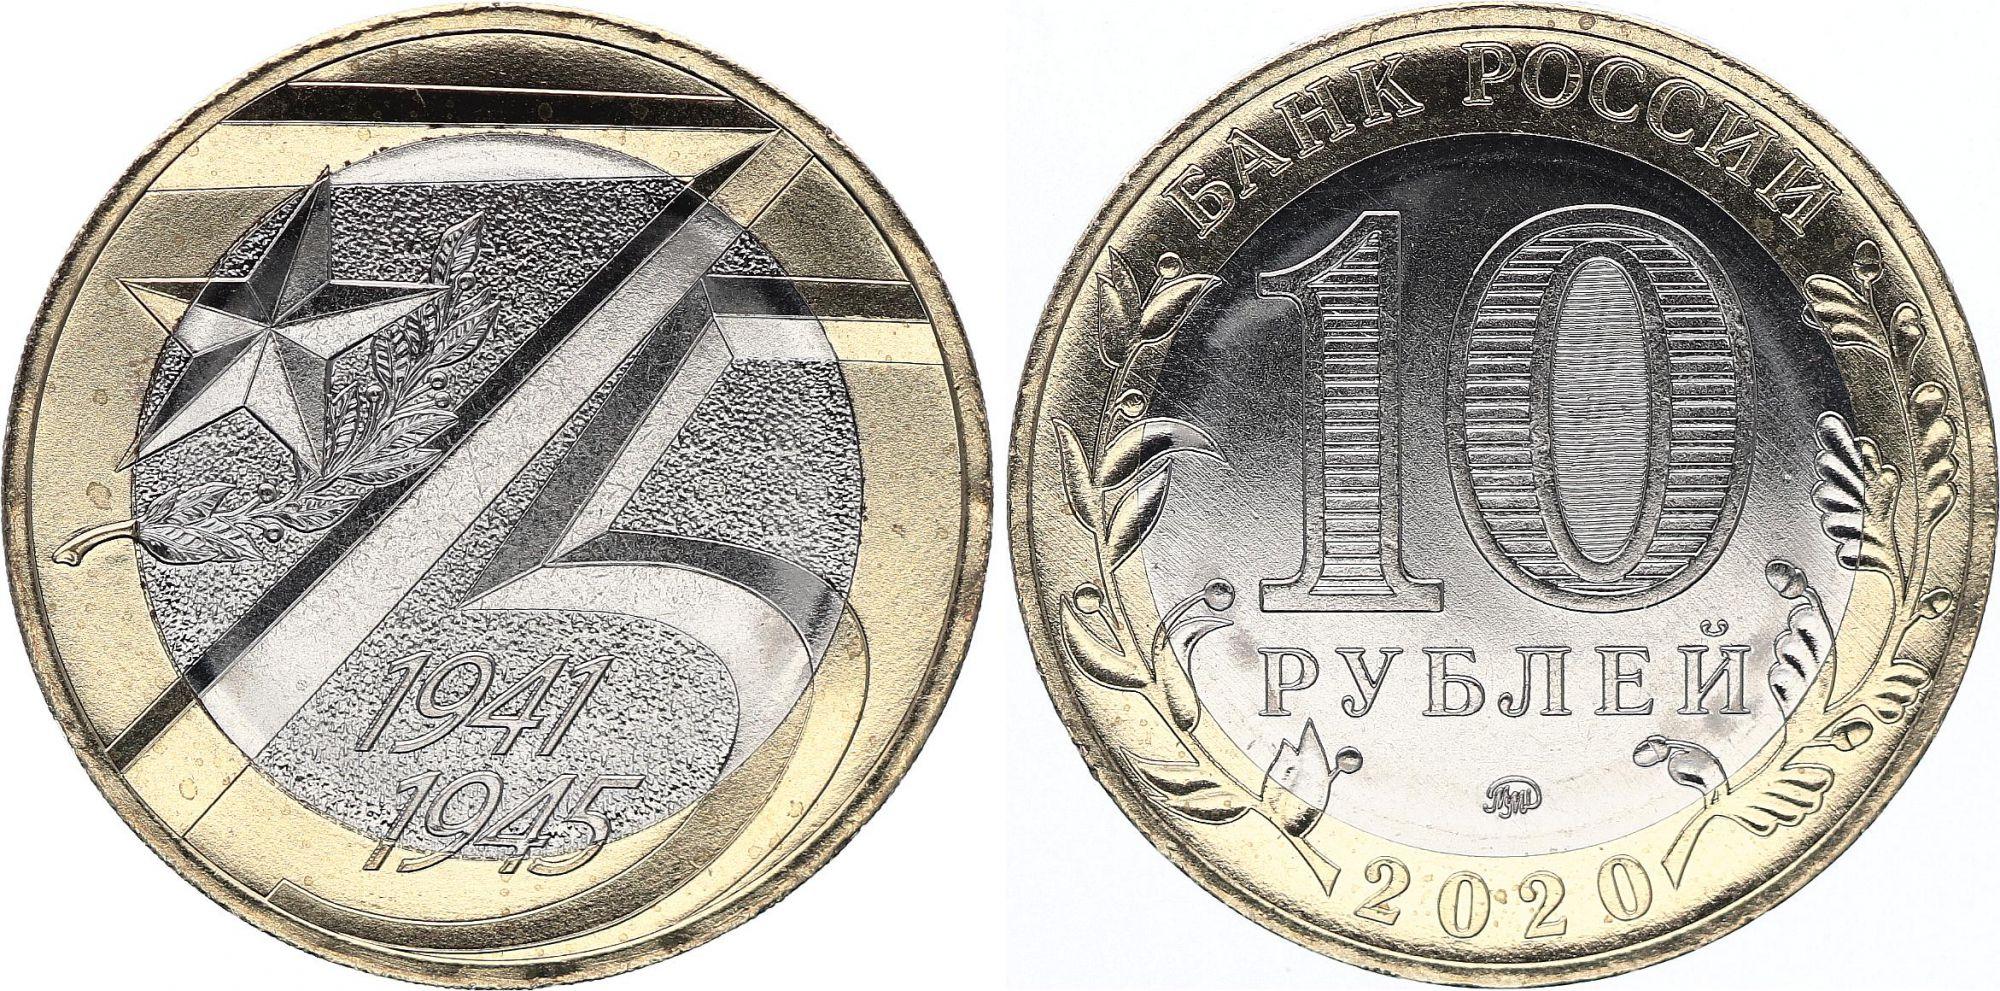 Russie 10 Roubles, 75 ans de la Victoire - 2nde Guerre Mondiale 1945-2020 - SPL - BIMETAL